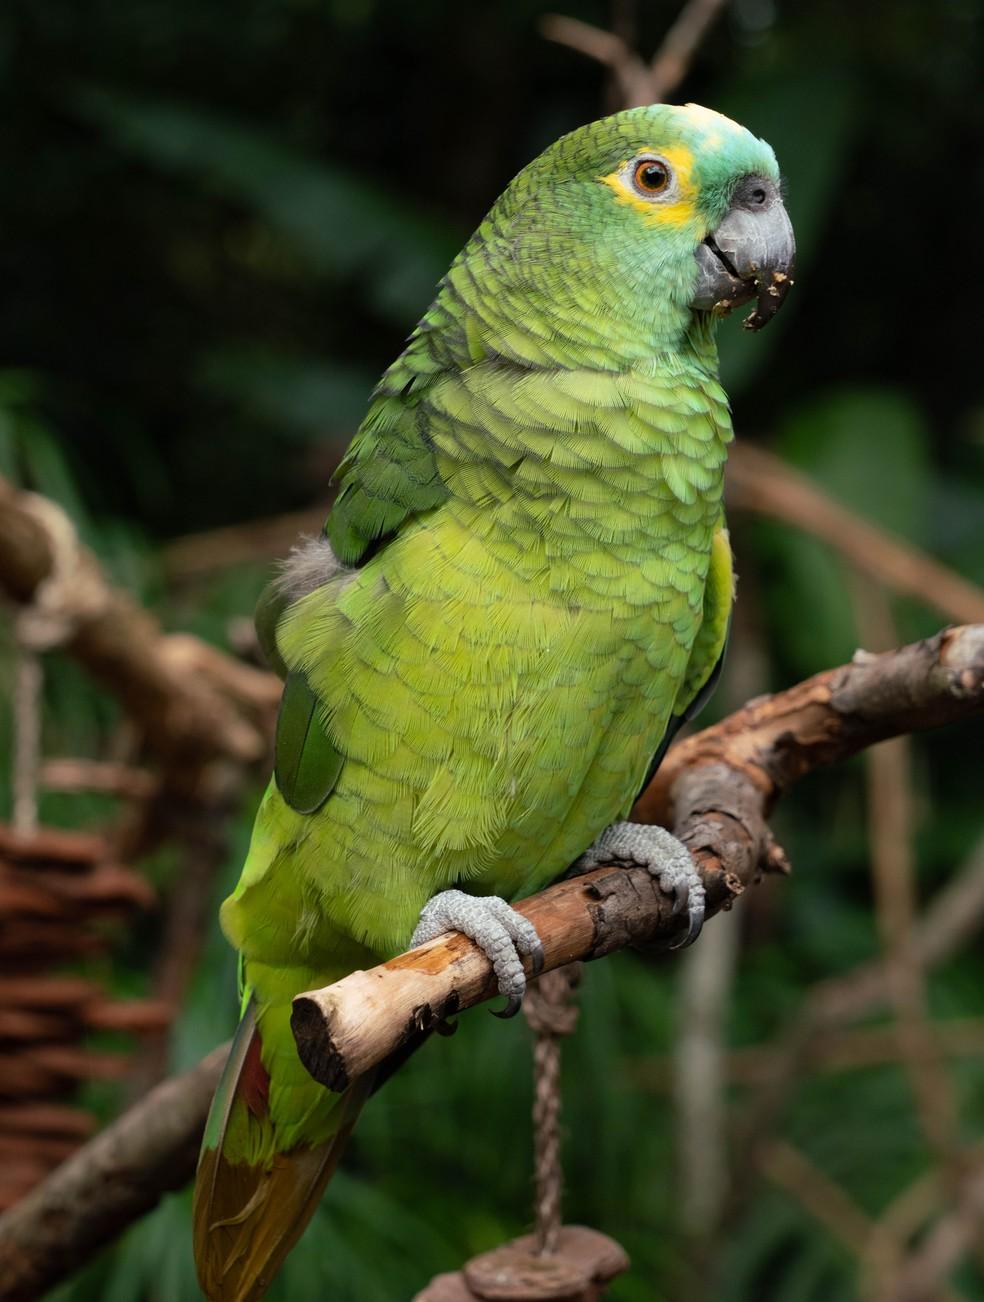 Segundo especialista, muitas aves são resgatadas com ferimentos, vítimas de maus-tratos, e passam por recuperação no local — Foto: Divulgação/Parque das Aves